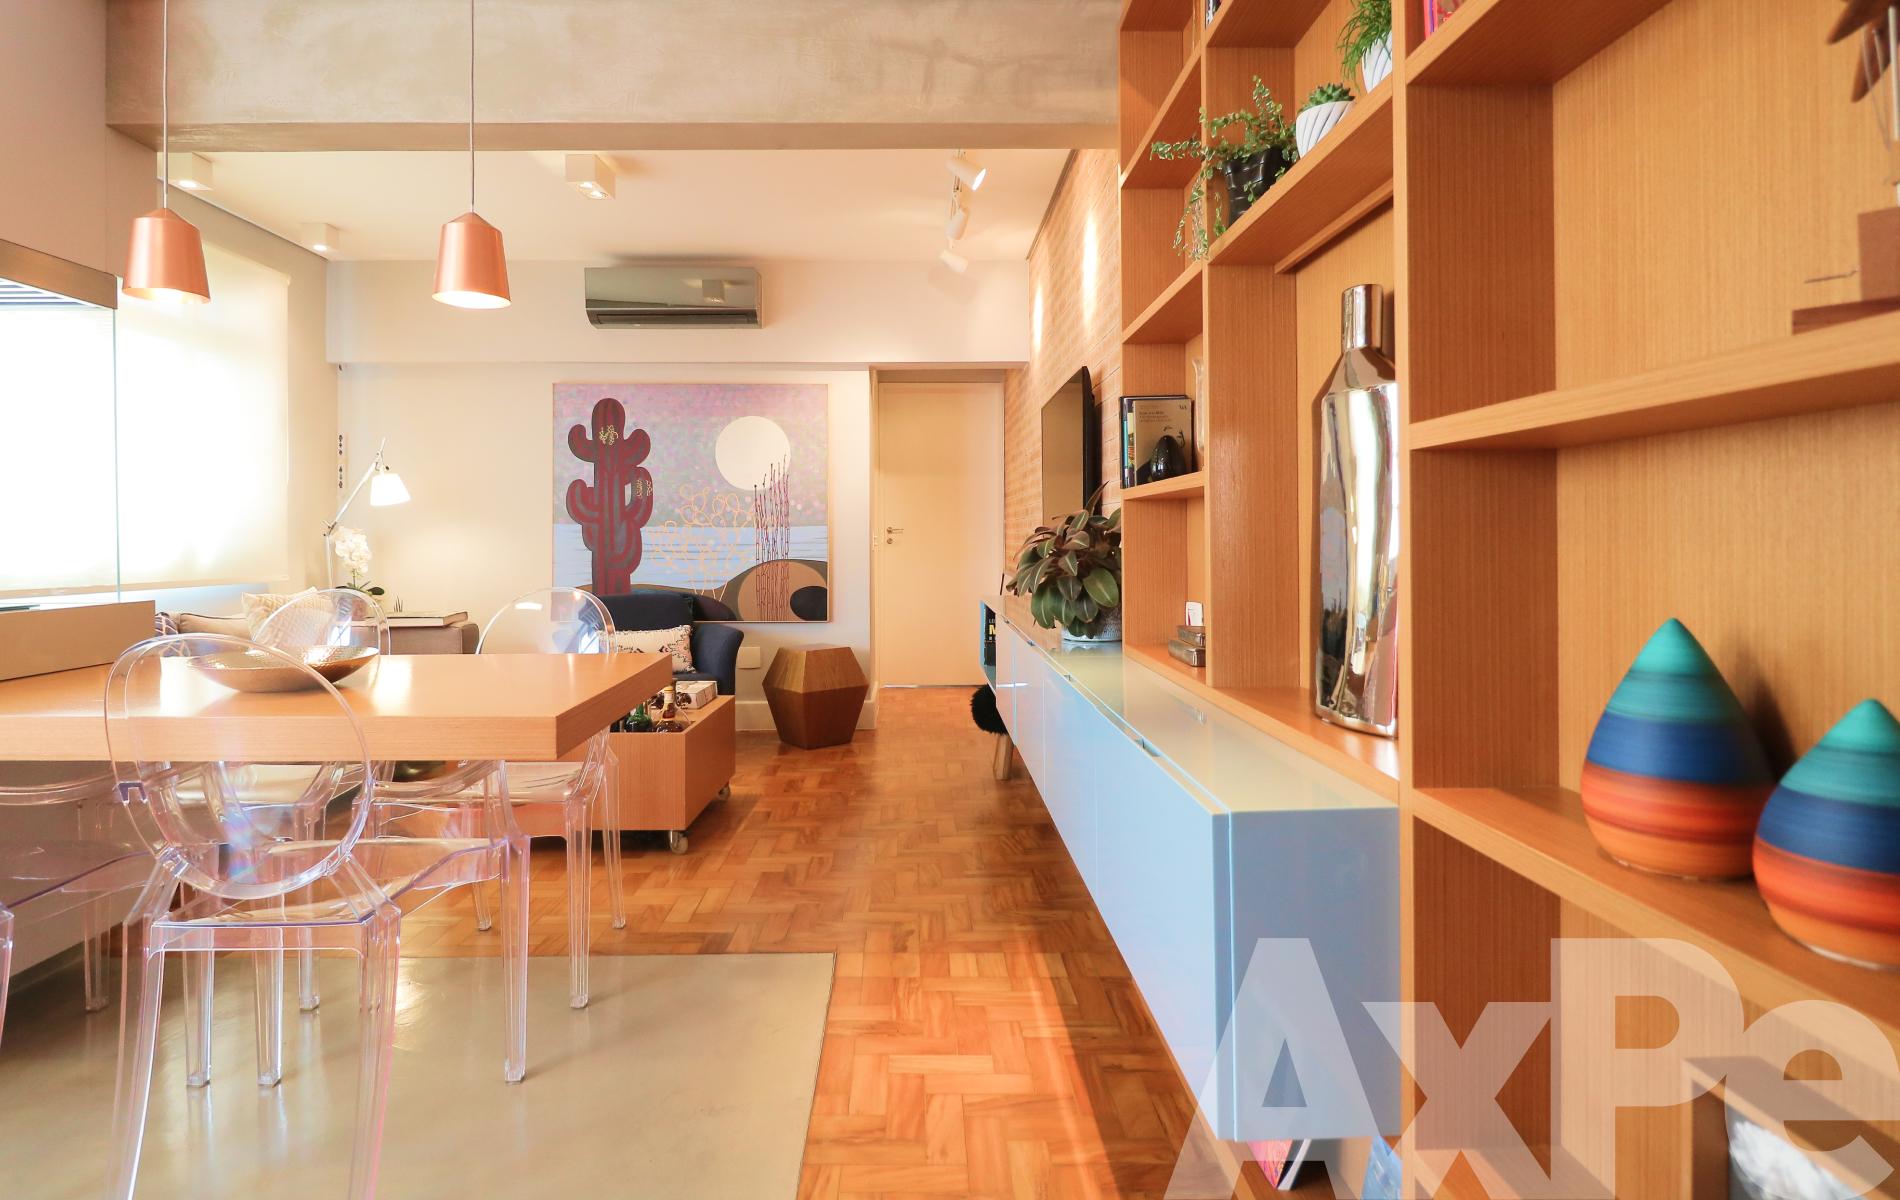 Axpe Apartamento - AX126268